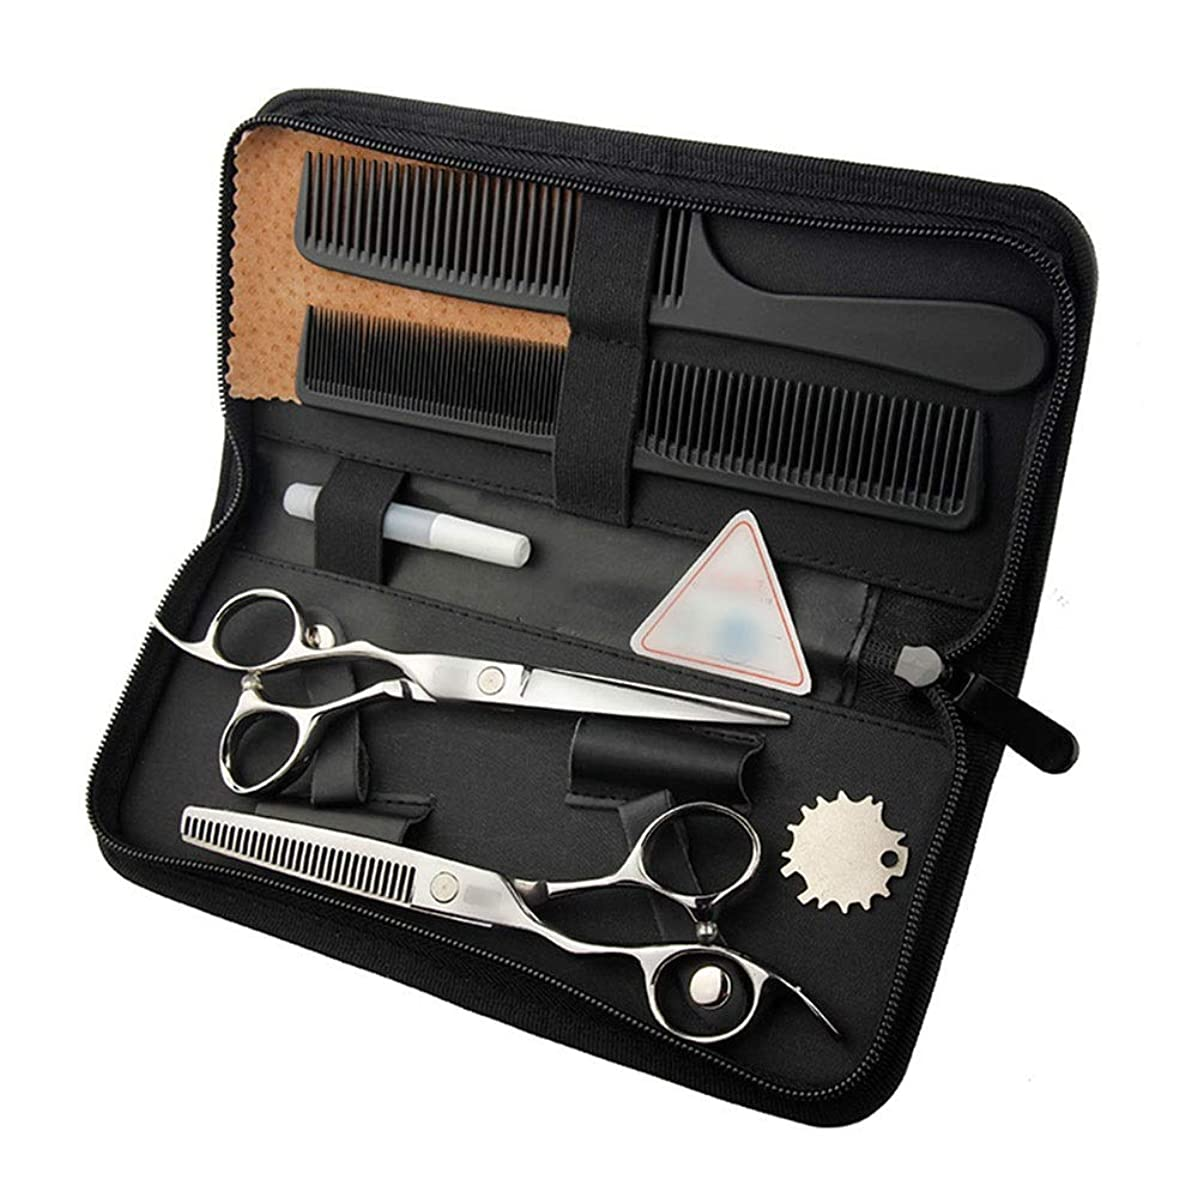 ジュースリーガン加速度6インチ美容院プロフェッショナル理髪セットフラットはさみ+歯せん断セット、美容院左手はさみセット モデリングツール (色 : Silver)